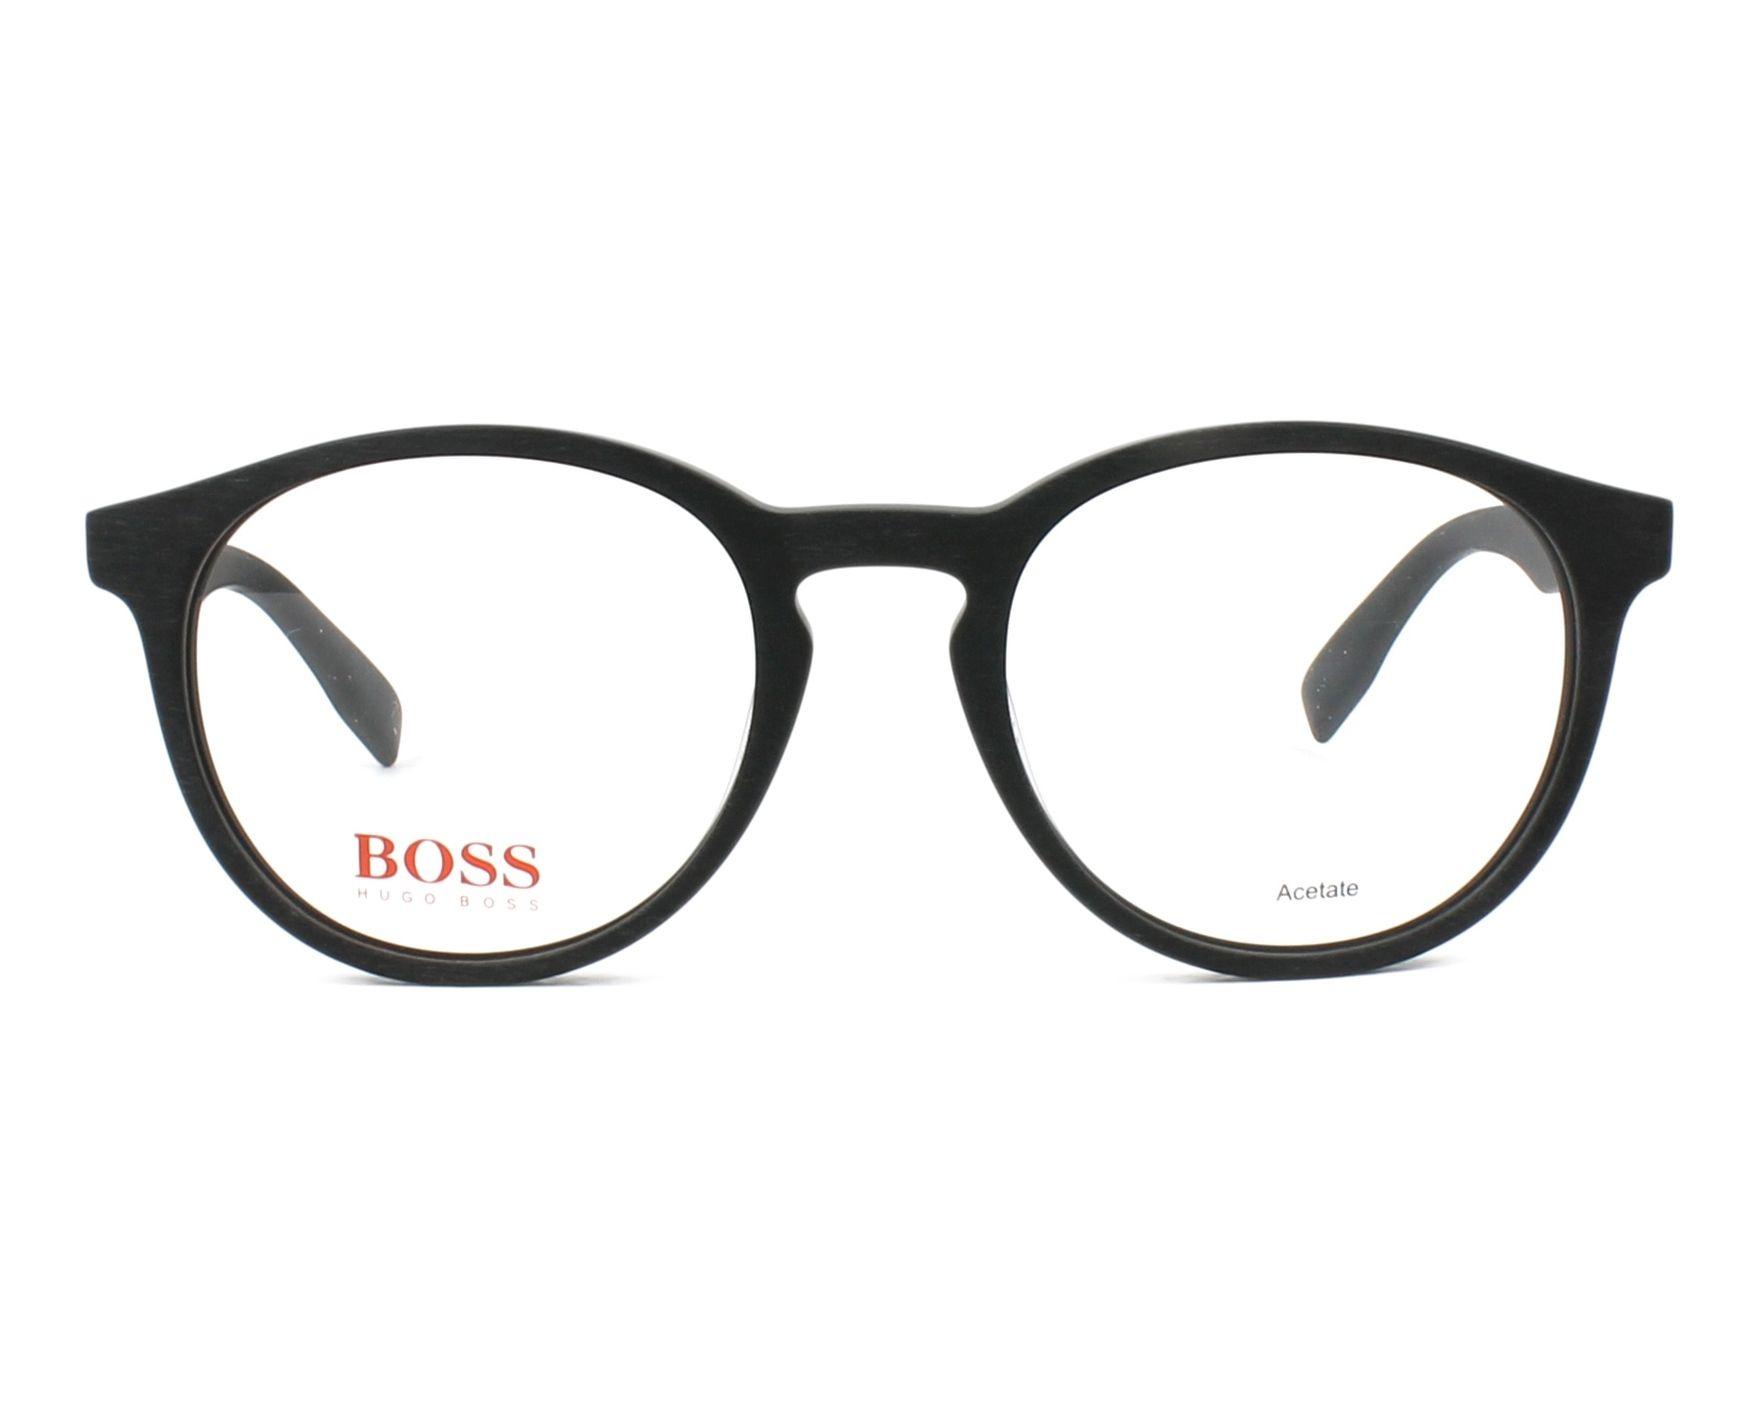 Lunettes de vue Hugo Boss BO-0268 003 50-20 Noir Noir vue de e86f19f58d8c